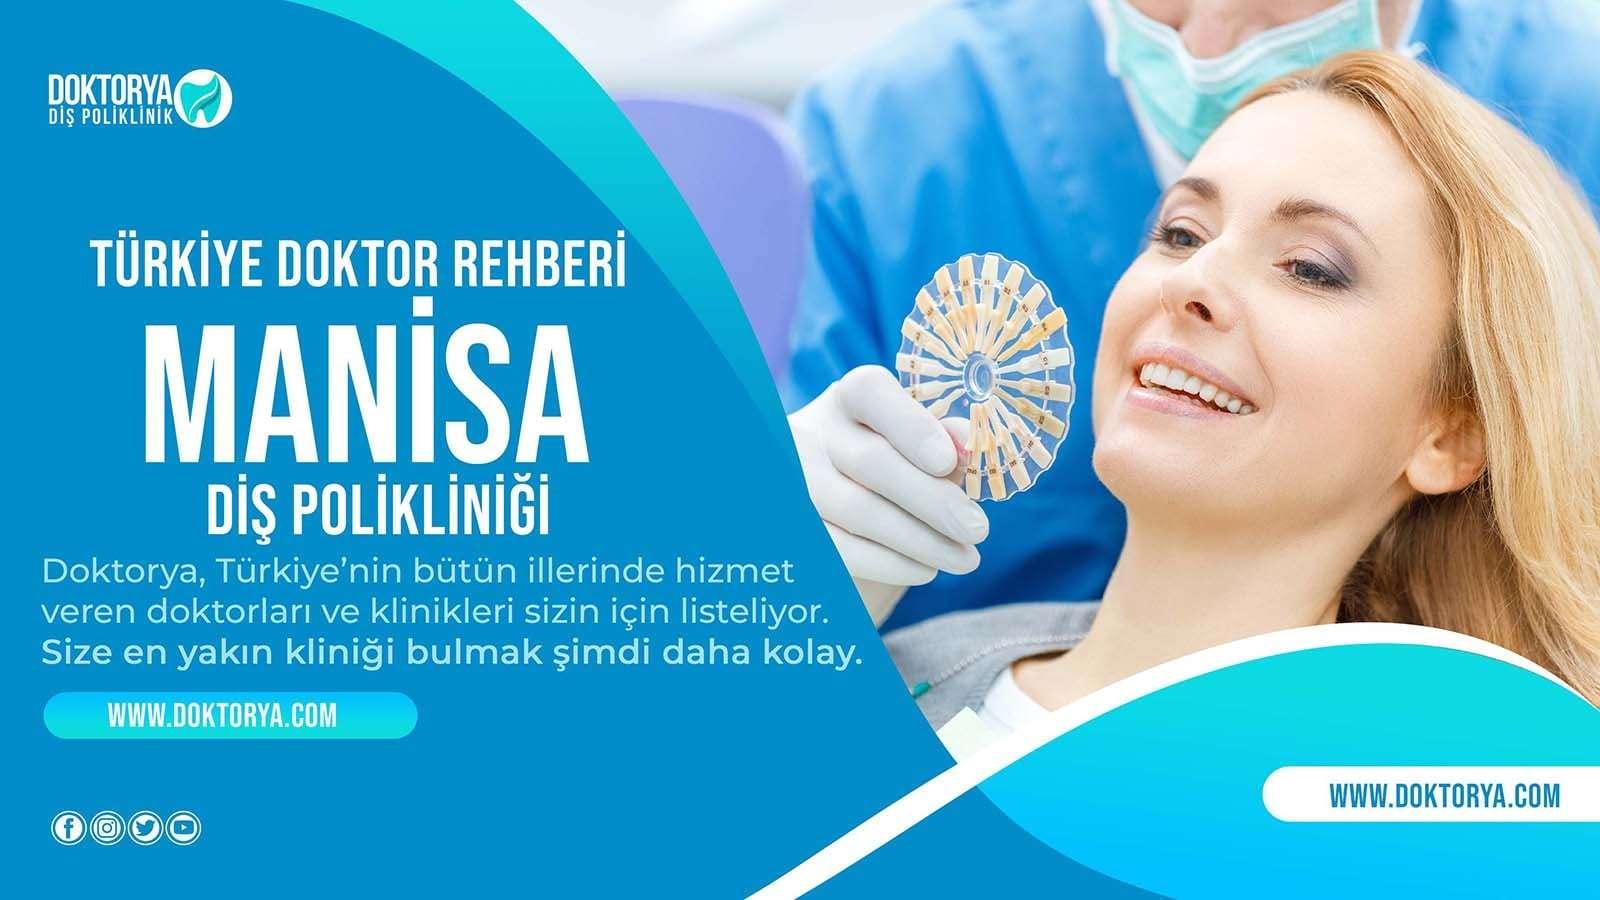 Manisa Diş Poliklinik